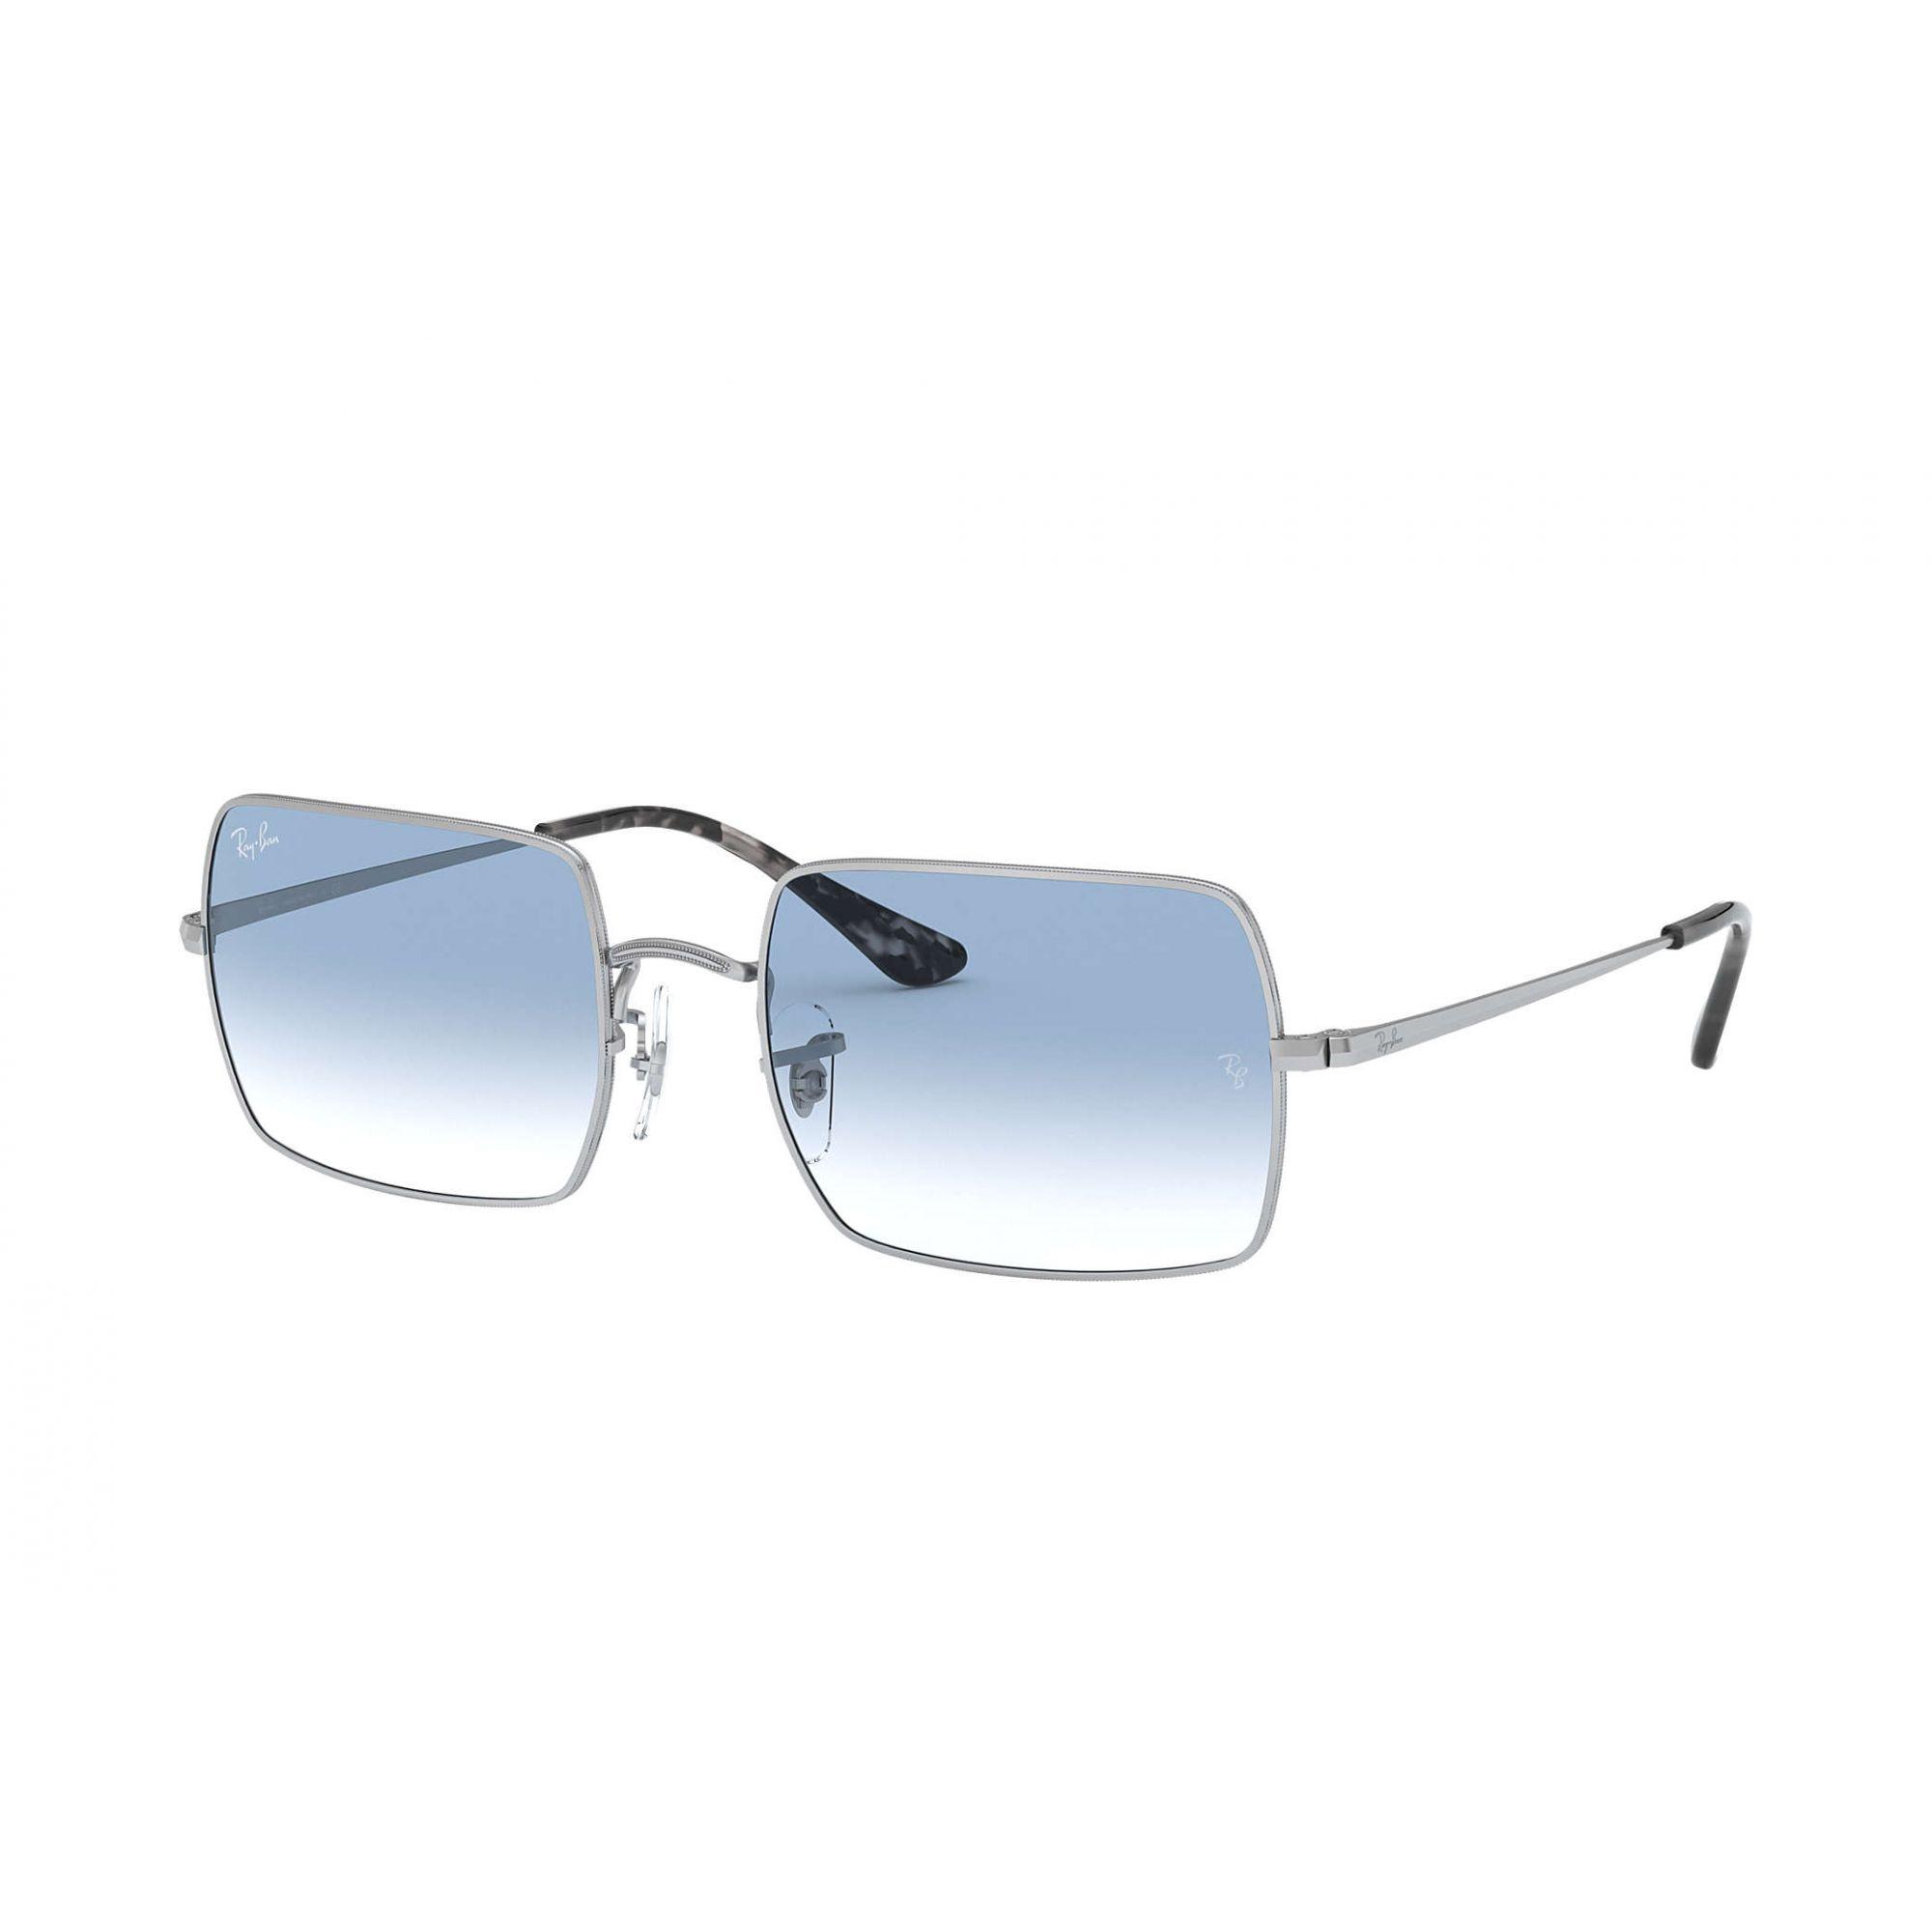 Ray Ban - RB1969 91493F54 - Óculos de sol